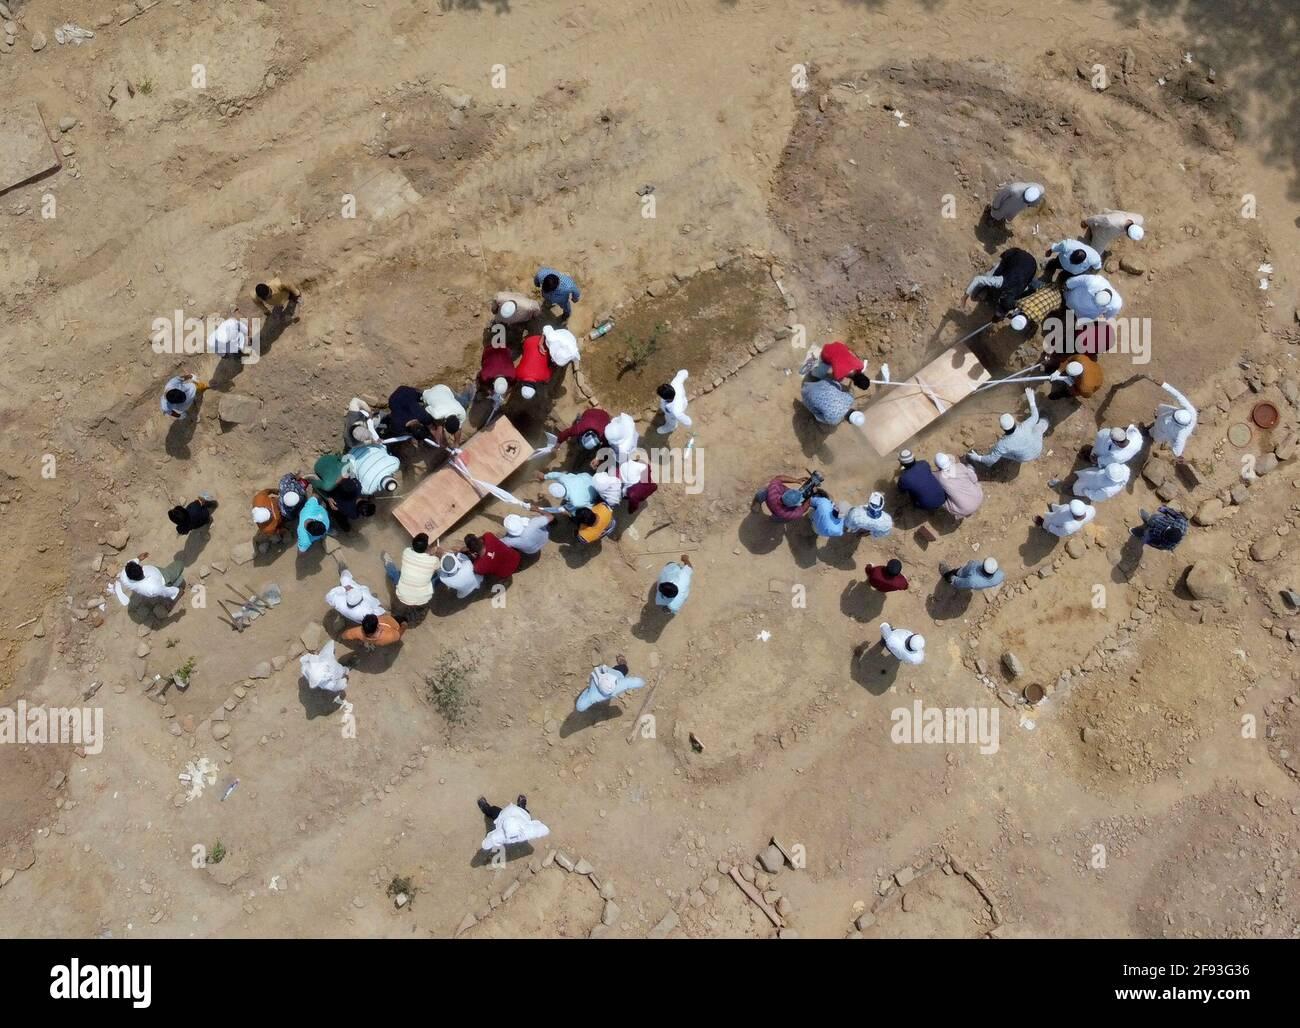 La gente seppellisce i corpi delle vittime che sono morte a causa della malattia del coronavirus (COVID-19), in un cimitero a Nuova Delhi, India, 16 aprile 2021. Foto scattata con un drone. REUTERS/Danese Siddiqui Foto Stock